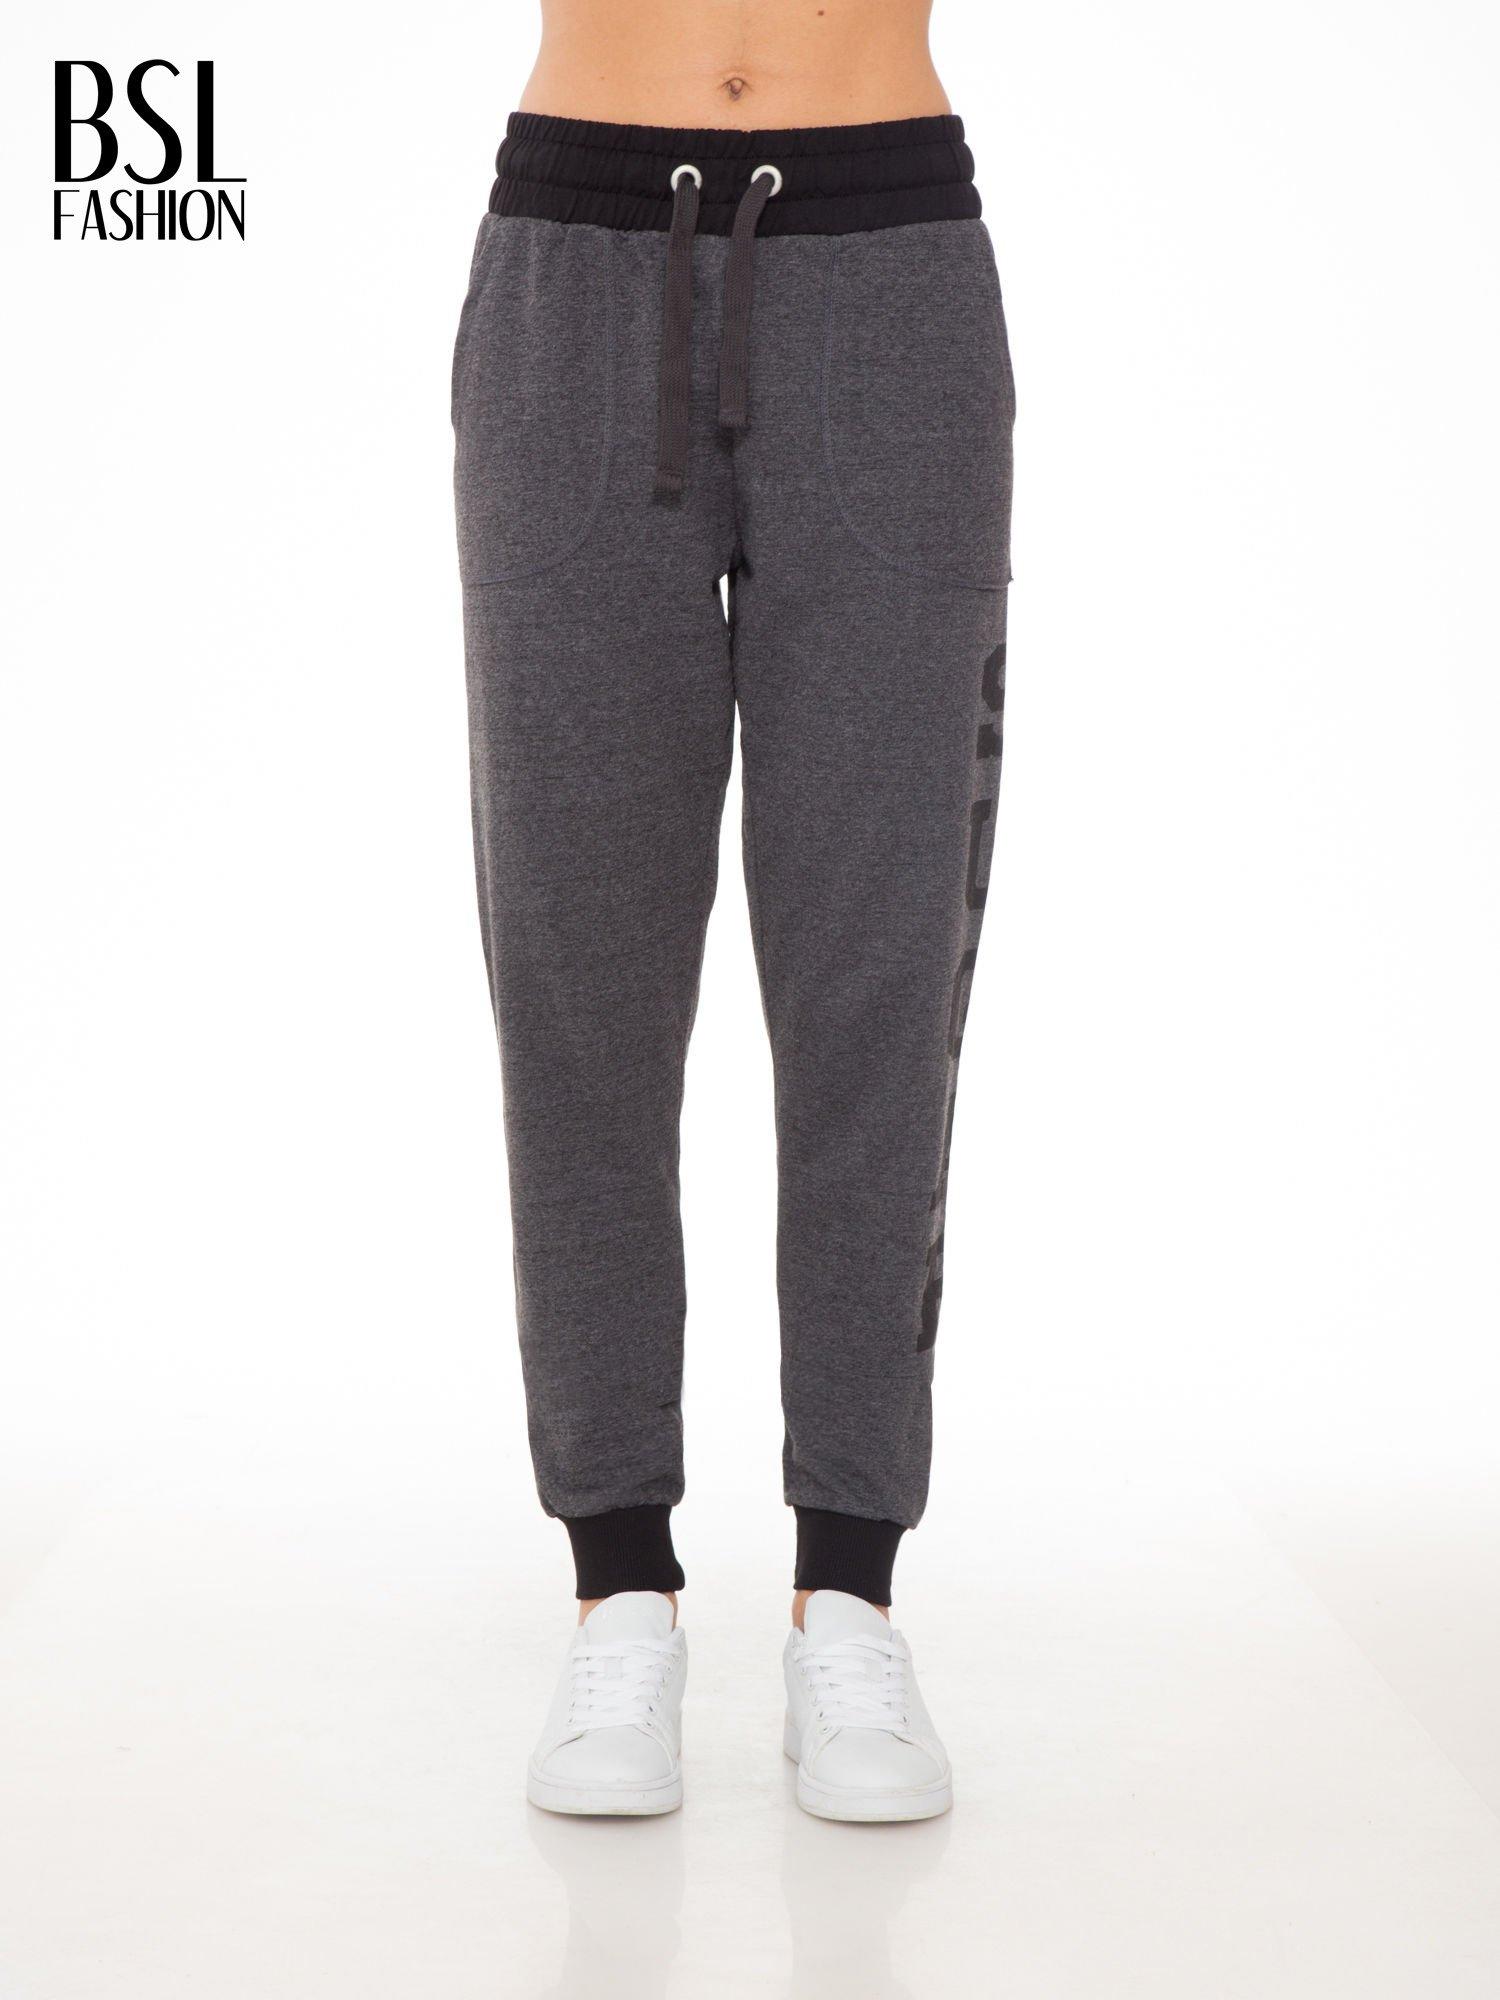 Grafitowe spodnie dresowe z nadrukiem SUGAR po boku nogawki                                  zdj.                                  1